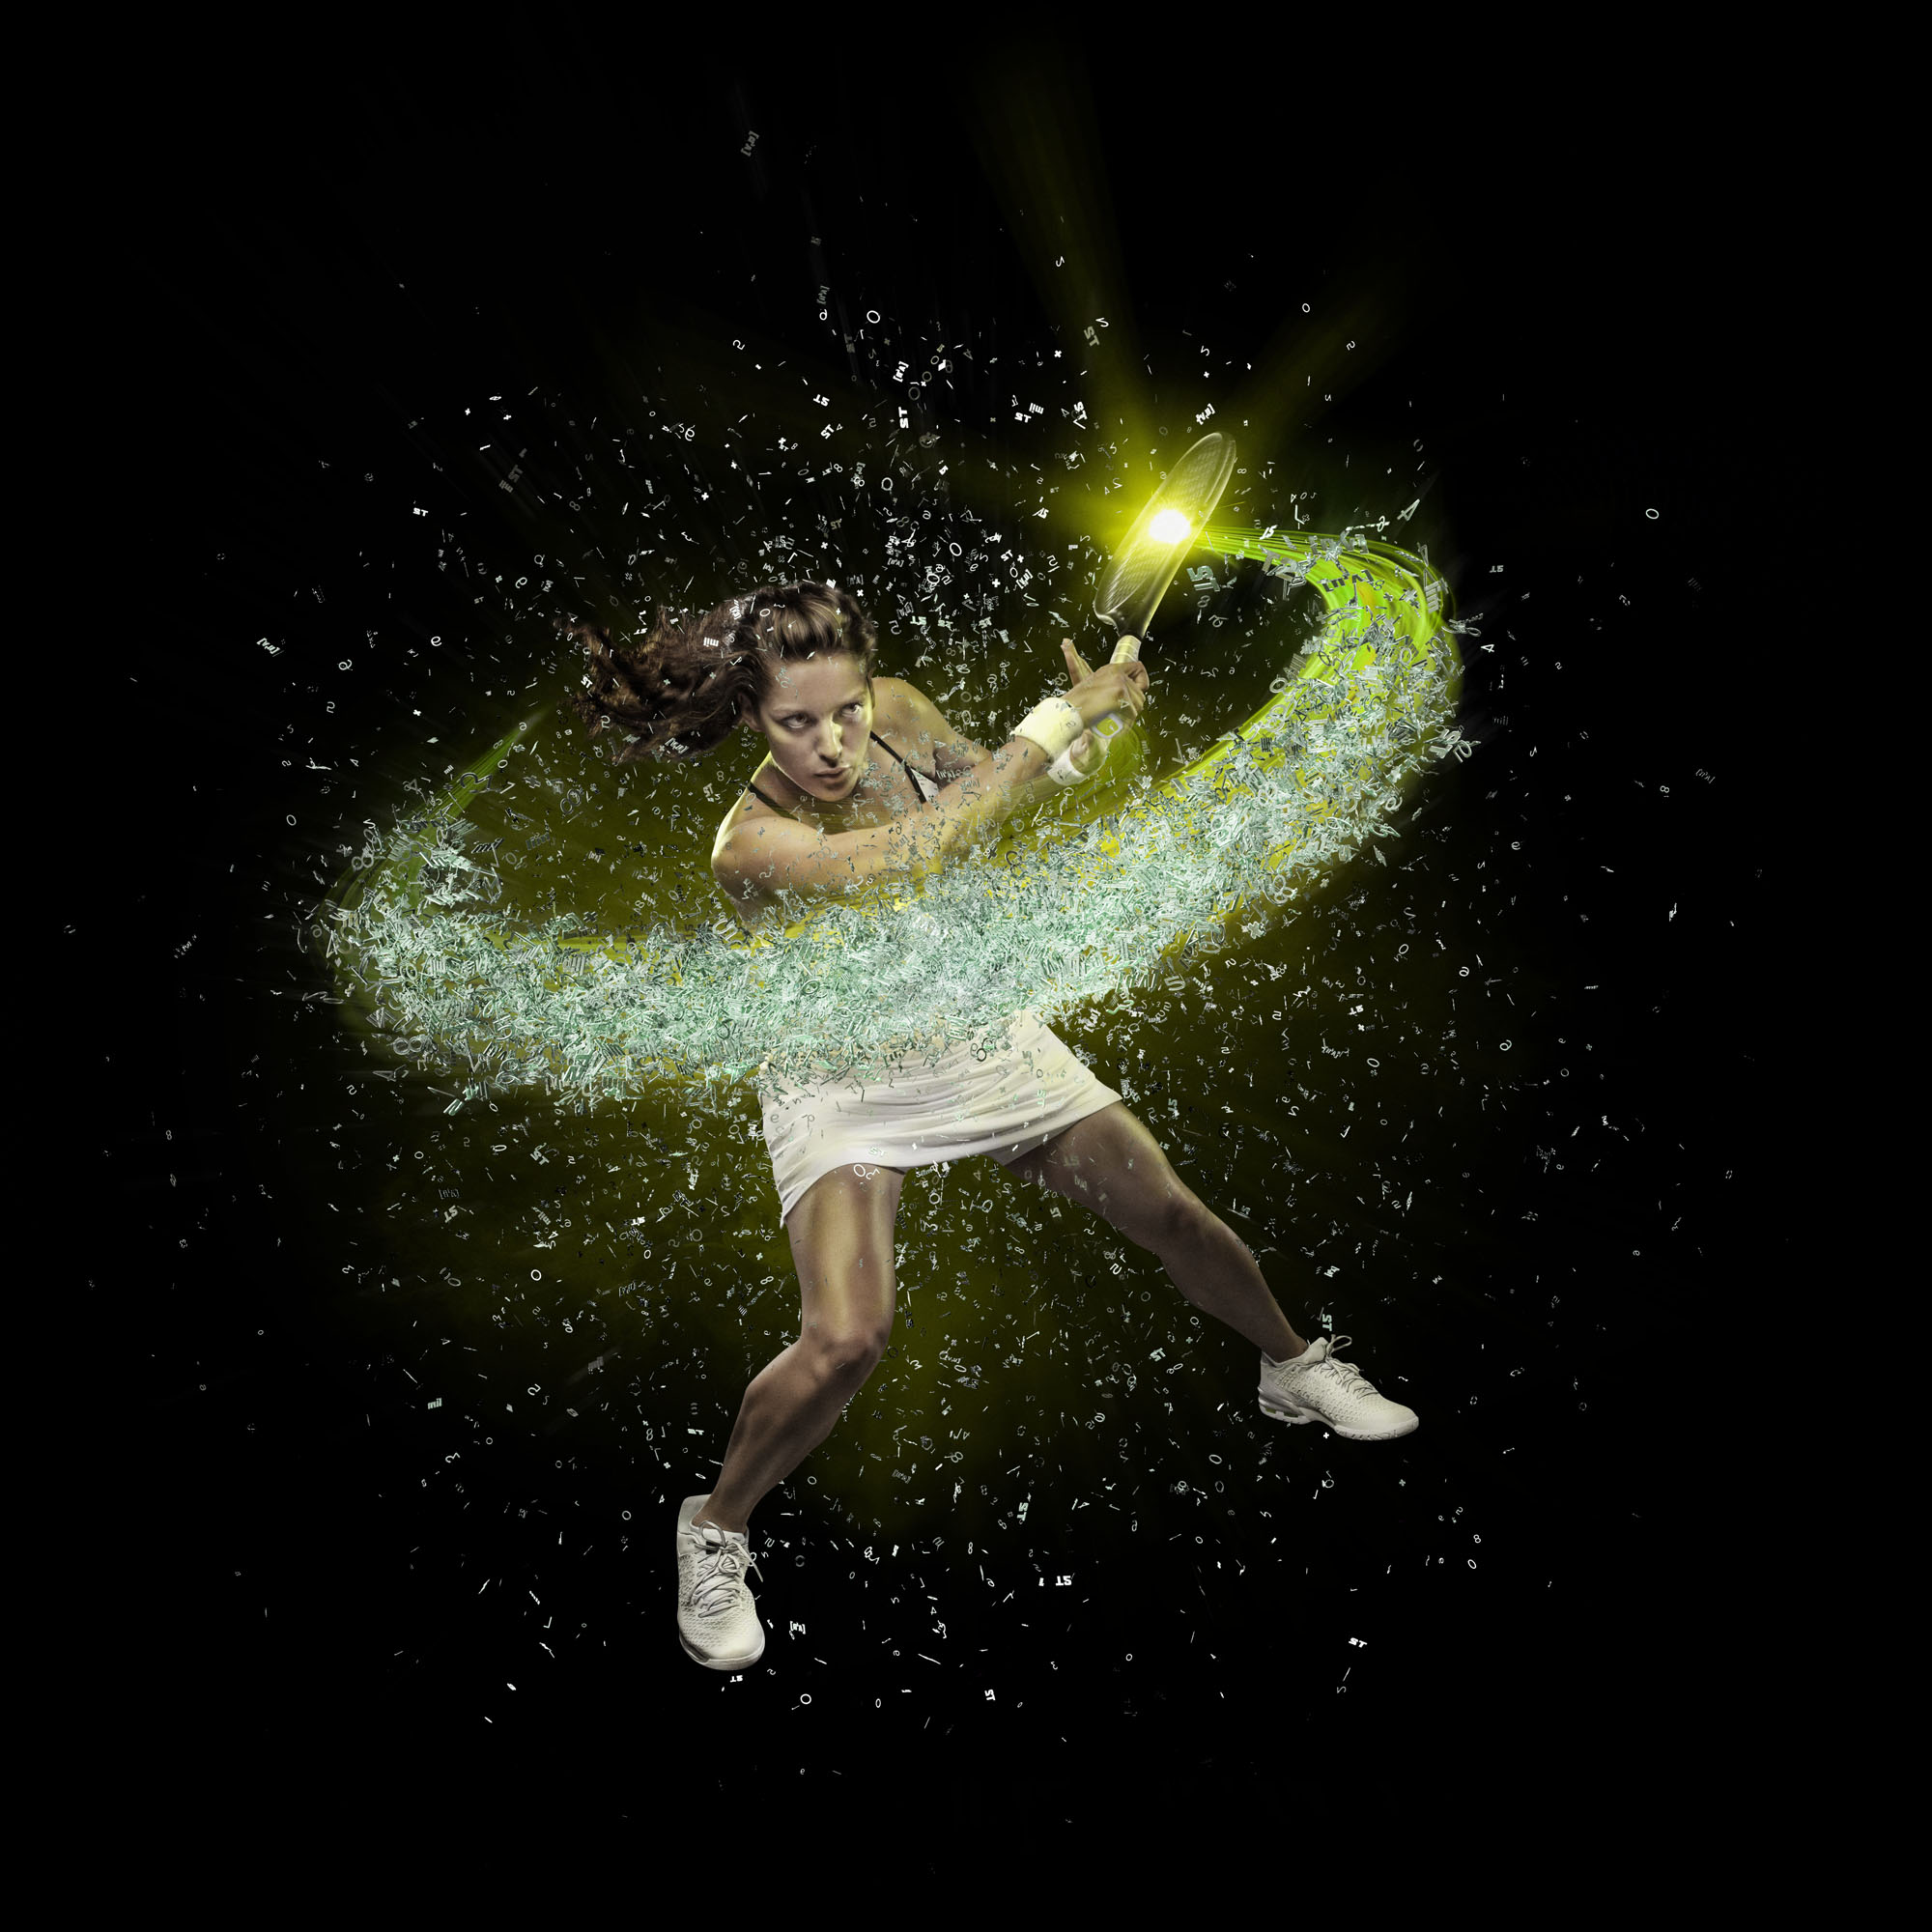 IMG_3550_Tennis_v1.jpg